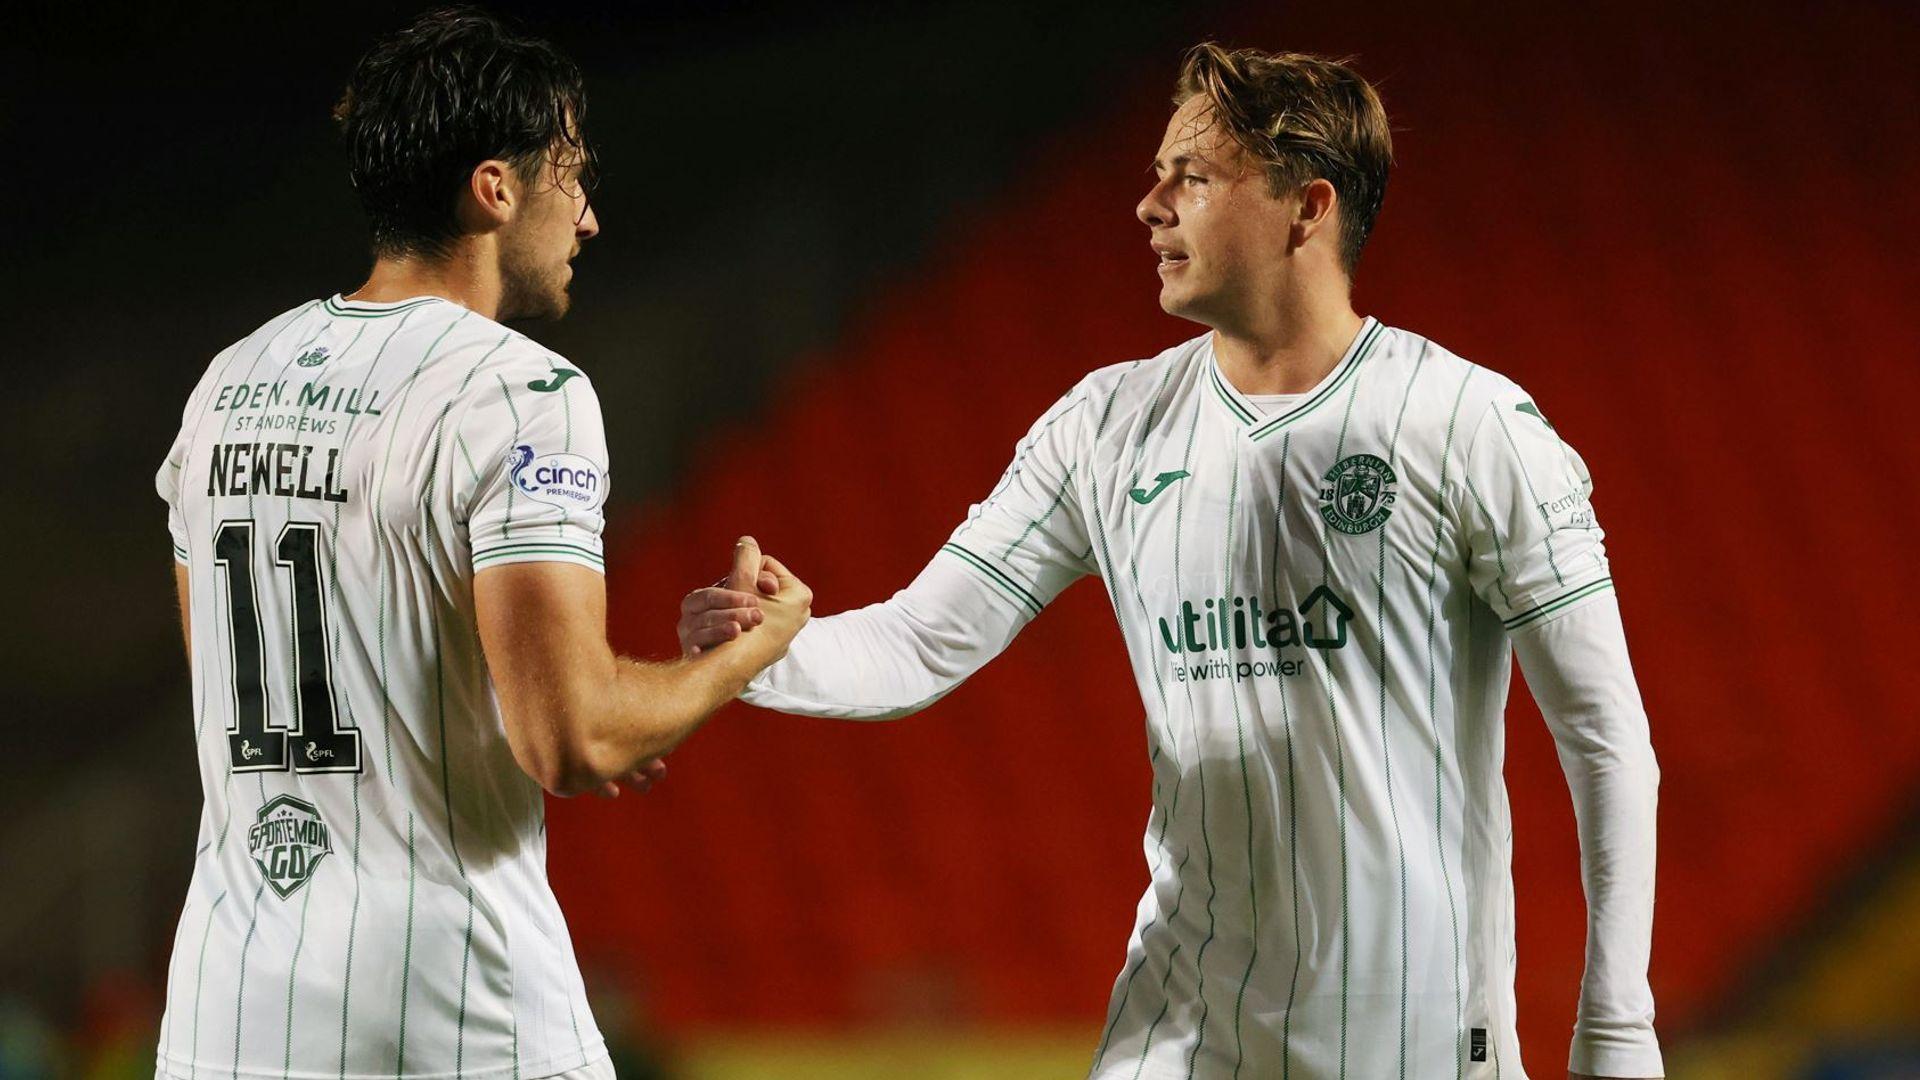 Allan inspires Hibs to League Cup semi-finals